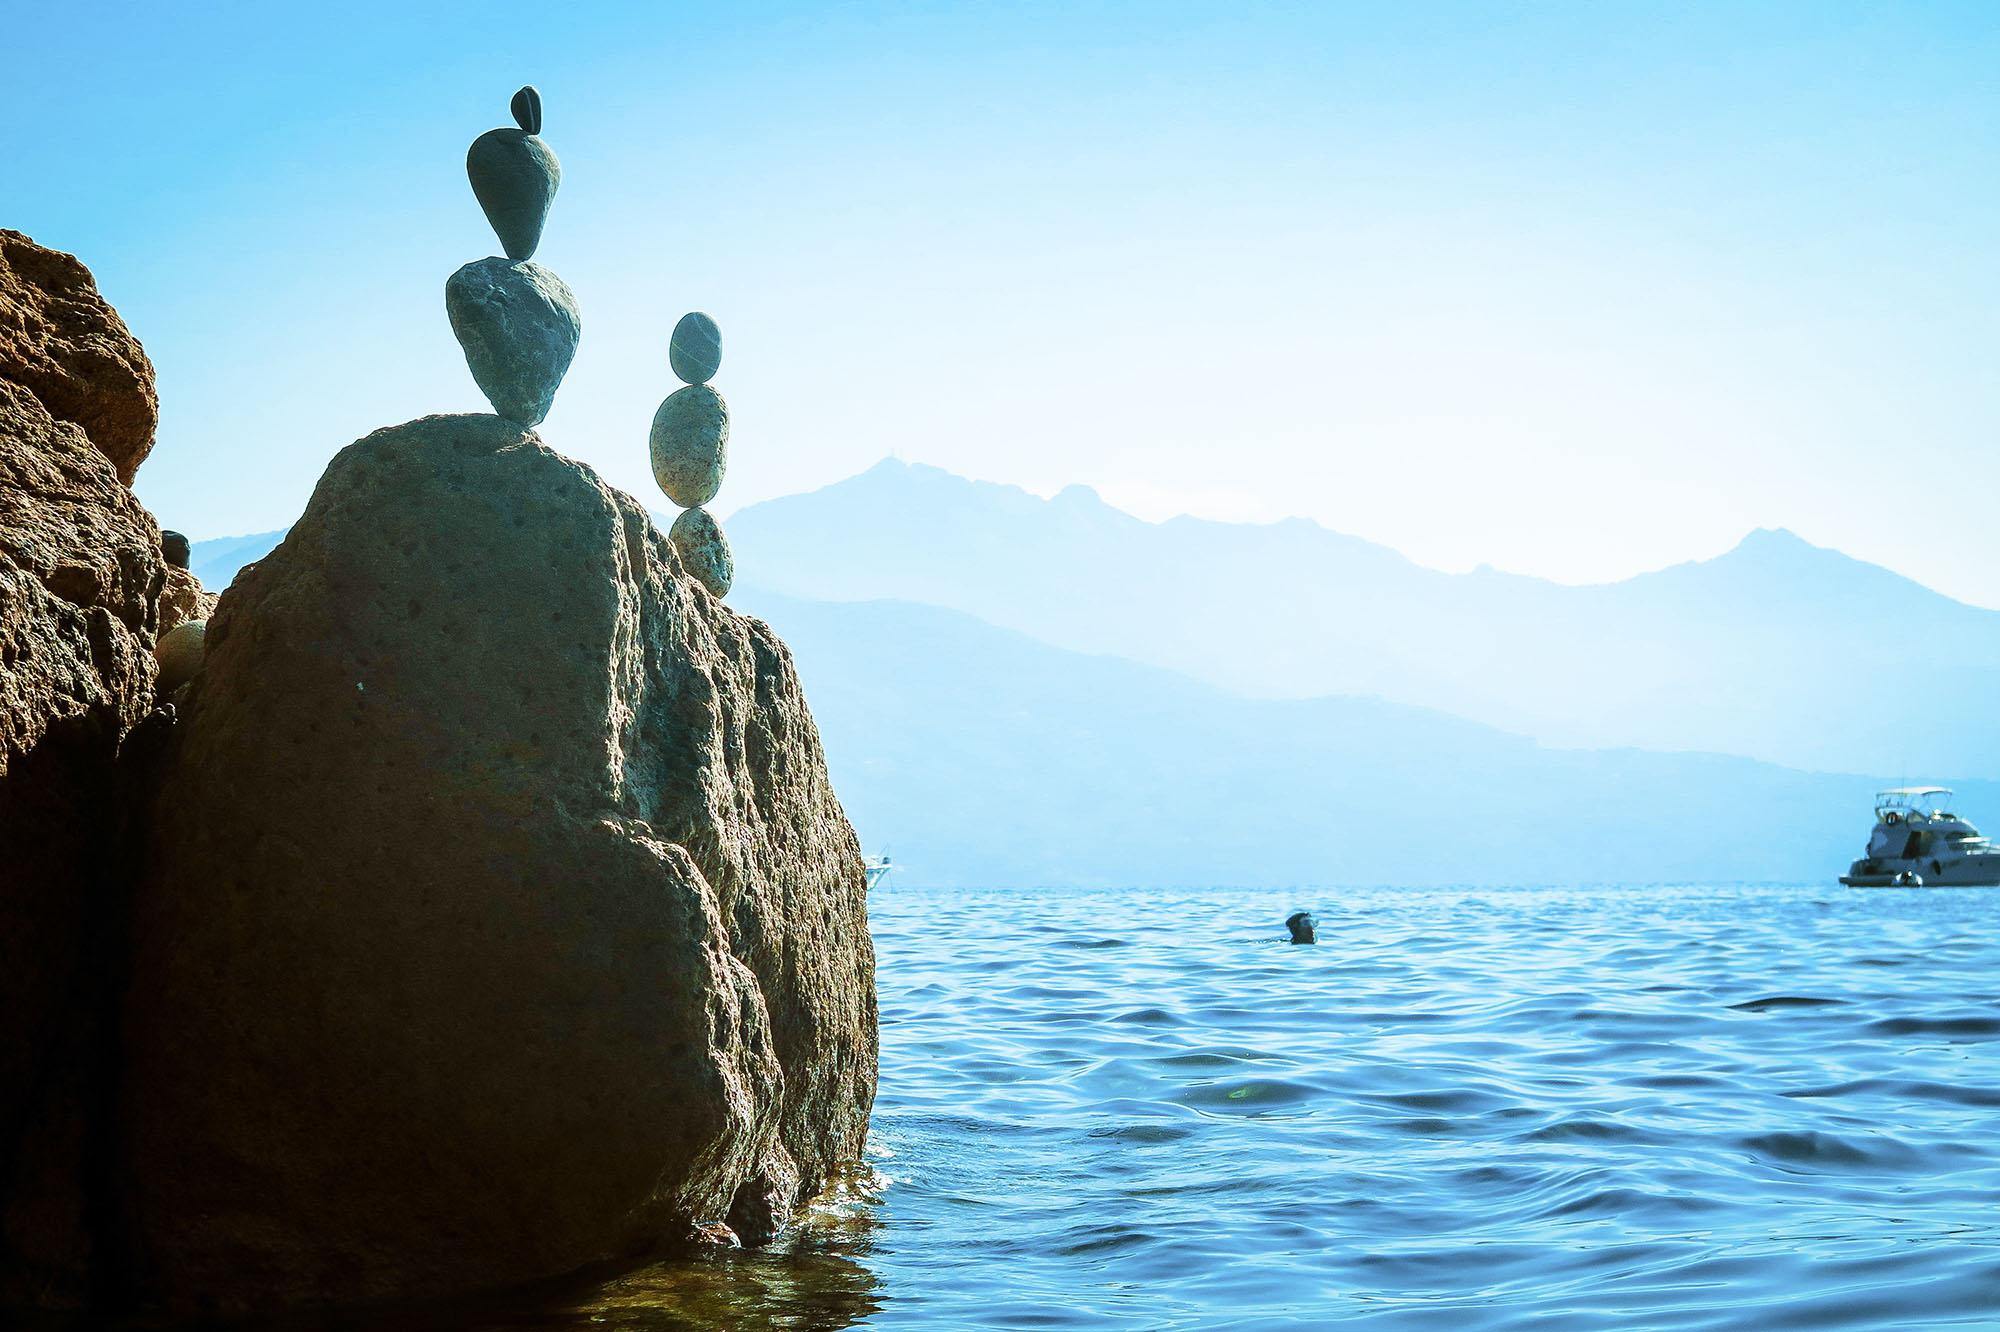 Gör stenkonst nere vid hotellets strand nästan varje dag. Det finns så många vackra stenar i olika former. Och jag älskar att hålla på med något projekt. Att dyka efter stenar, bygga något eller simma till nya platser. Jag är dålig på att bara ligga stilla och sola.